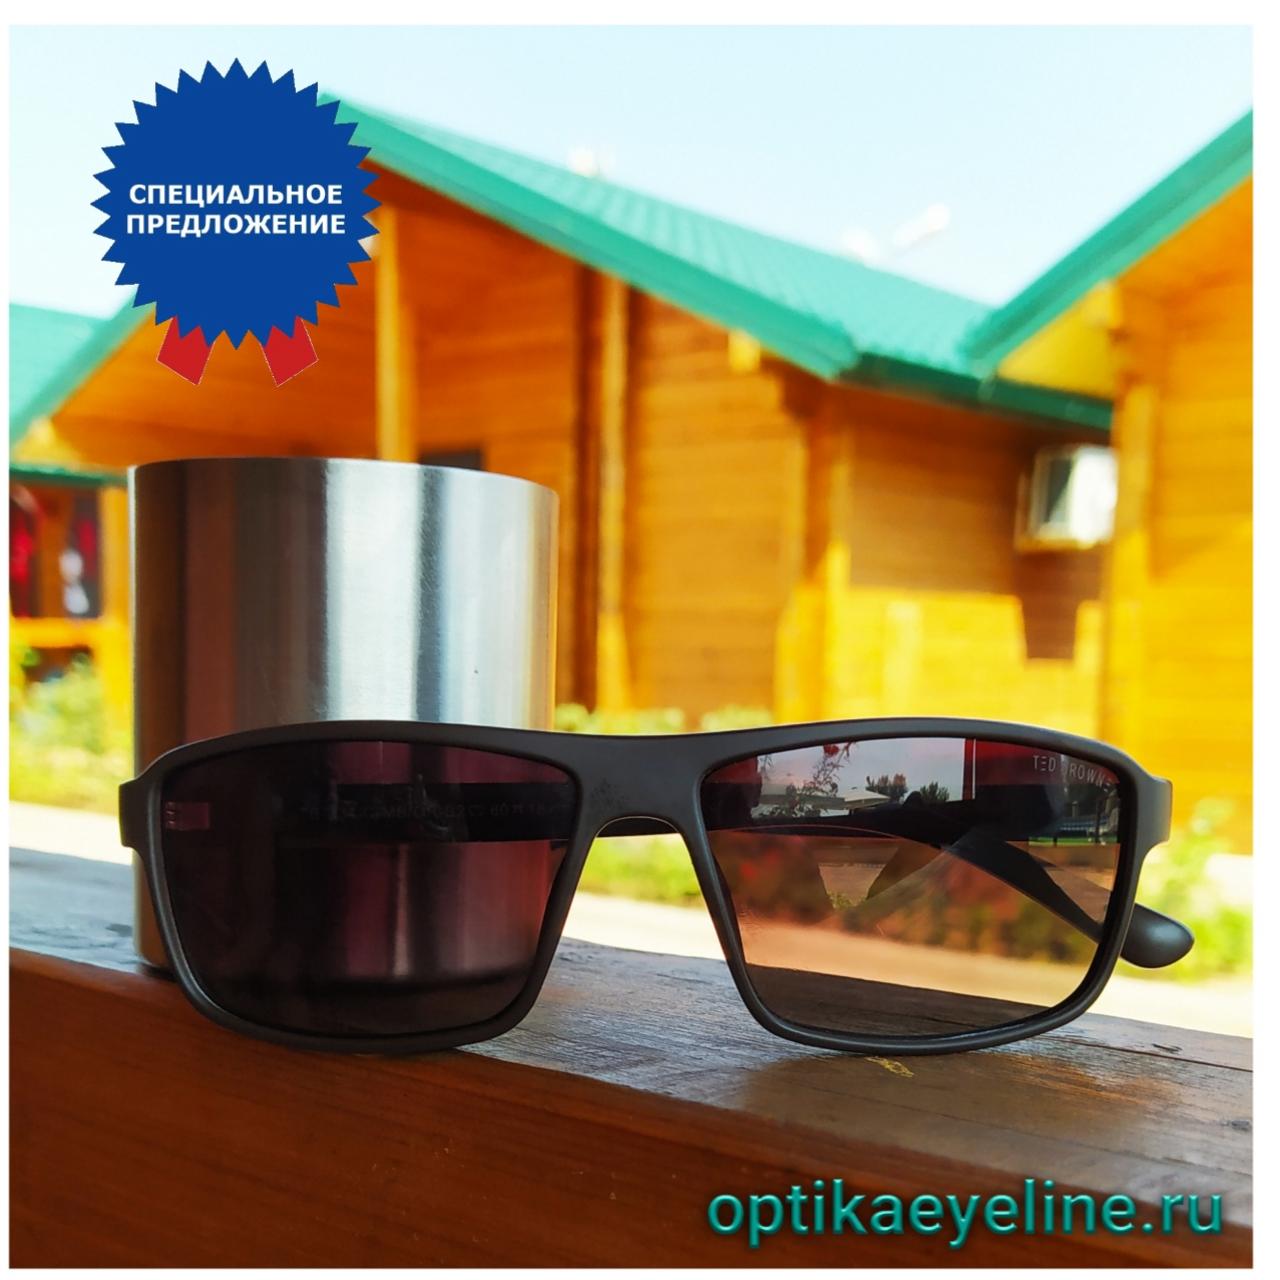 солнцезащитные очки в оптике Eyeline